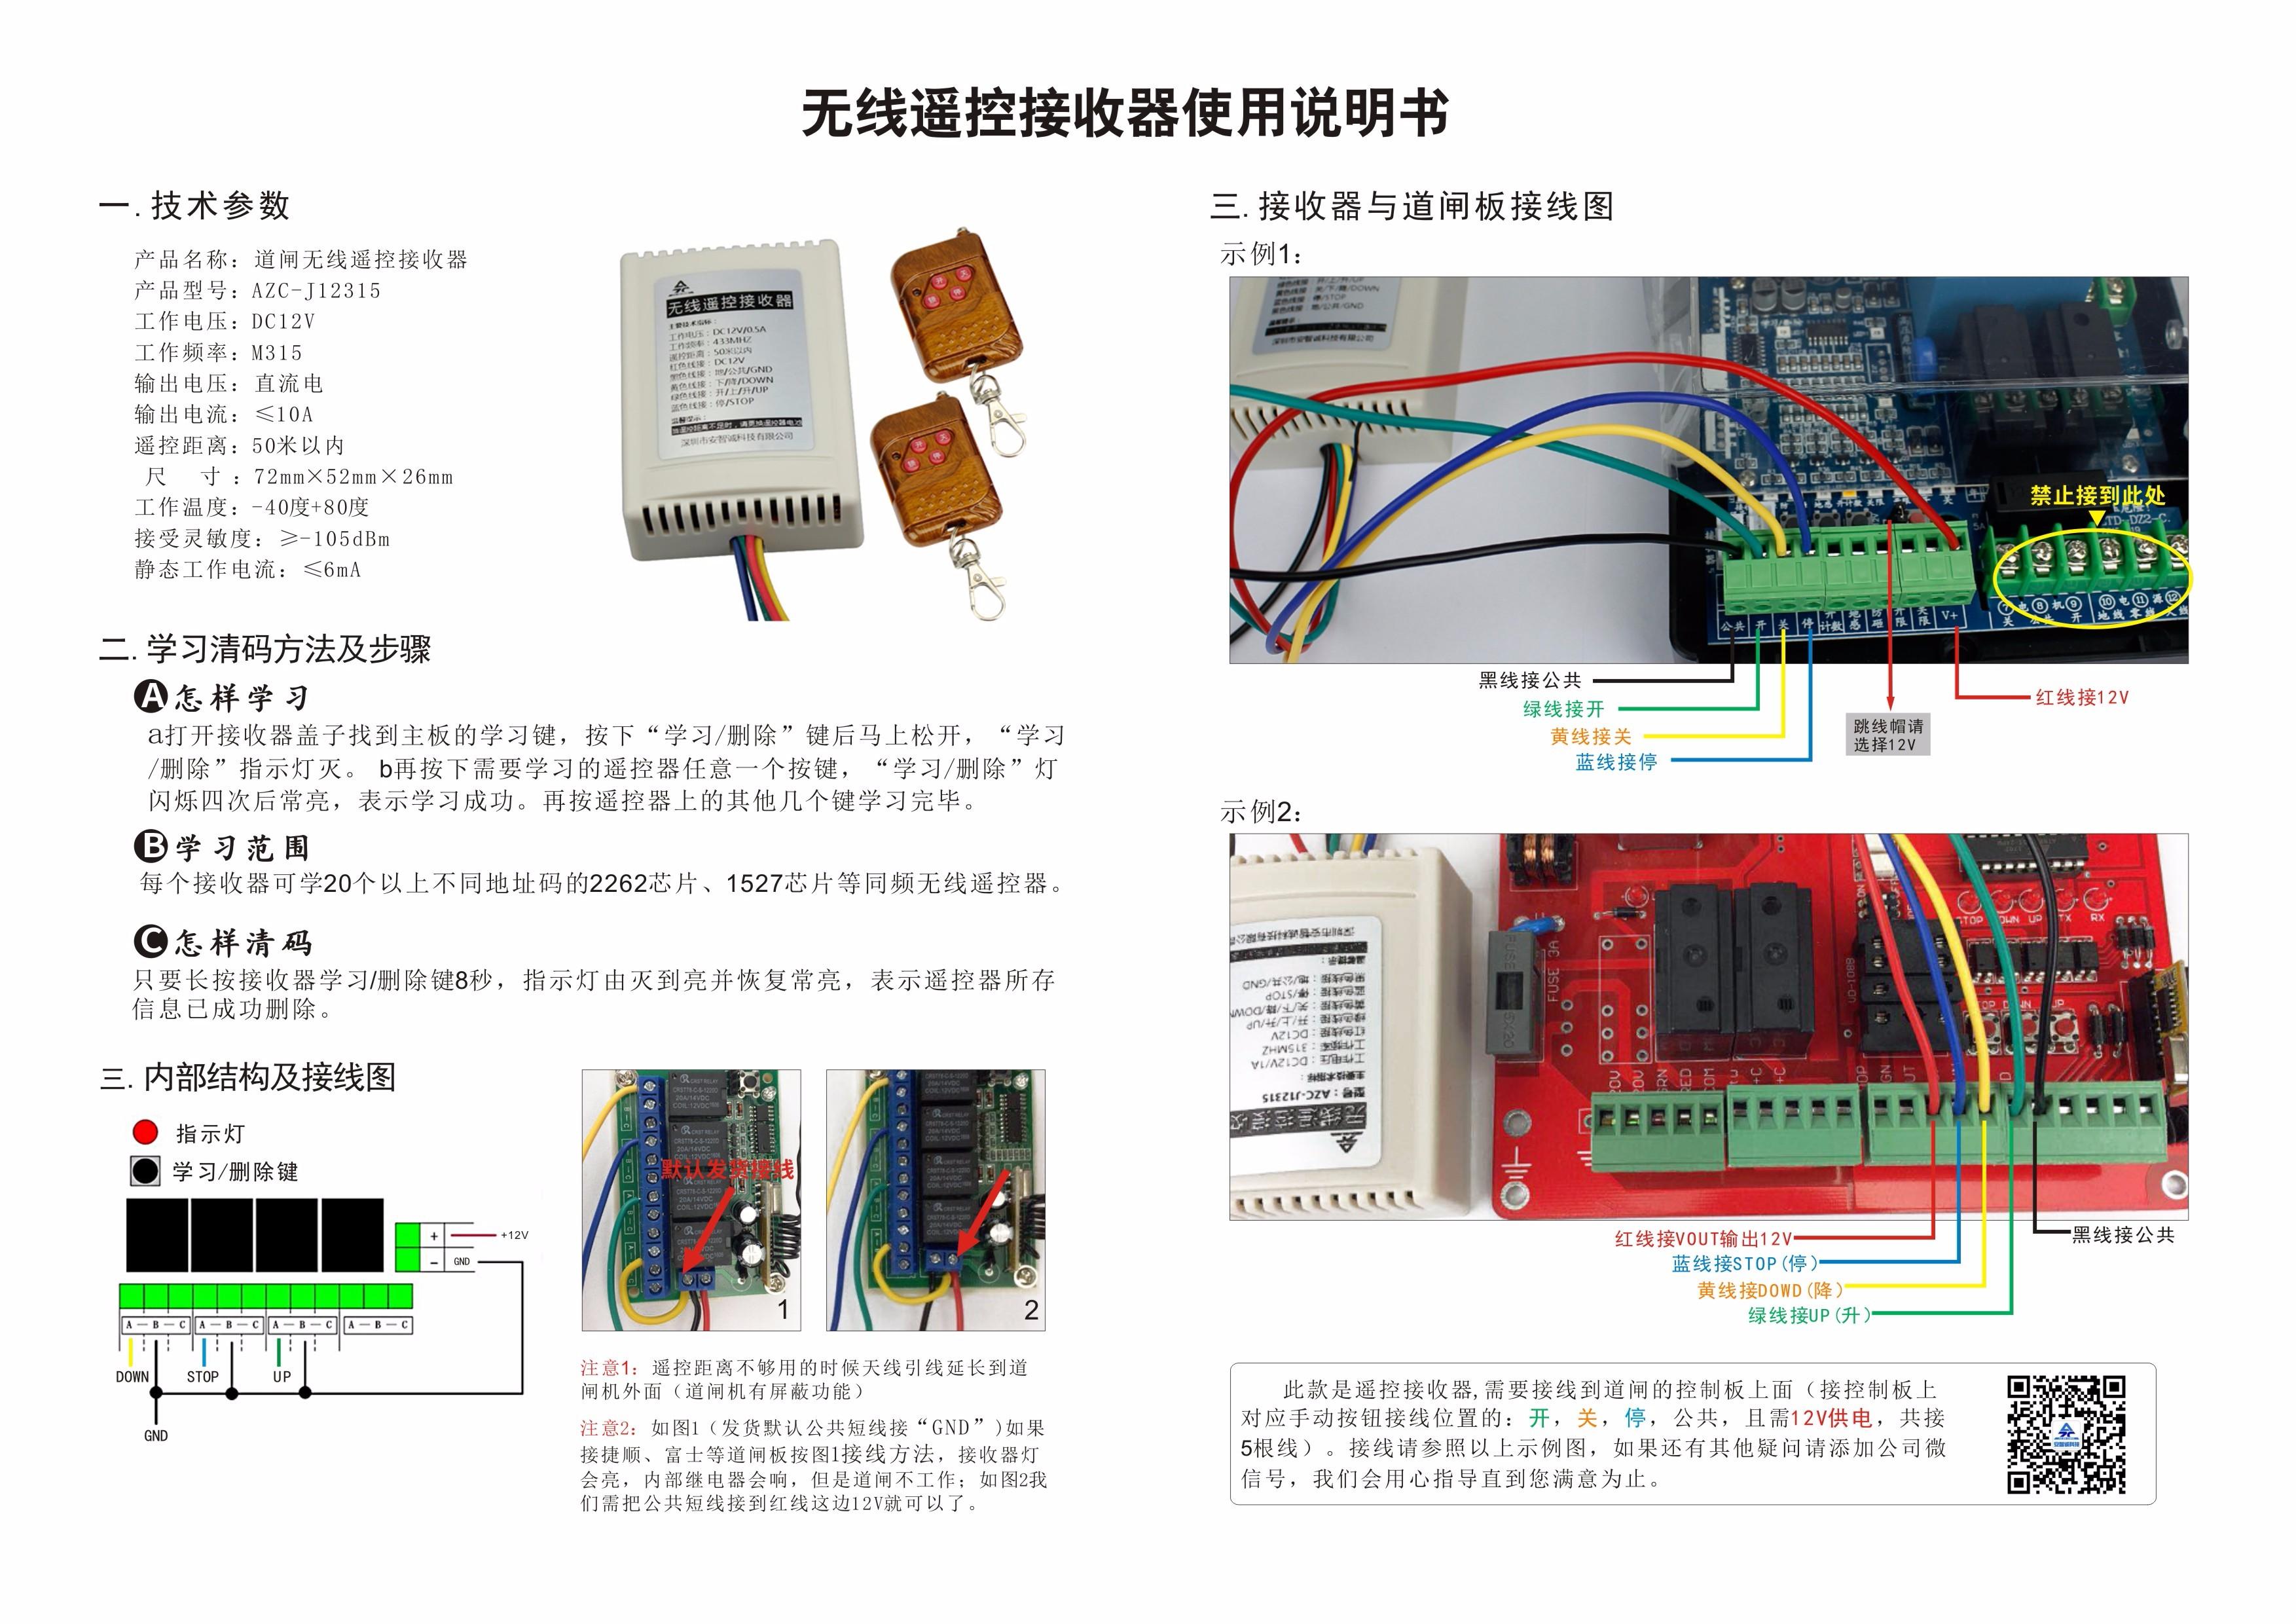 无线遥控开接收器说明书.jpg